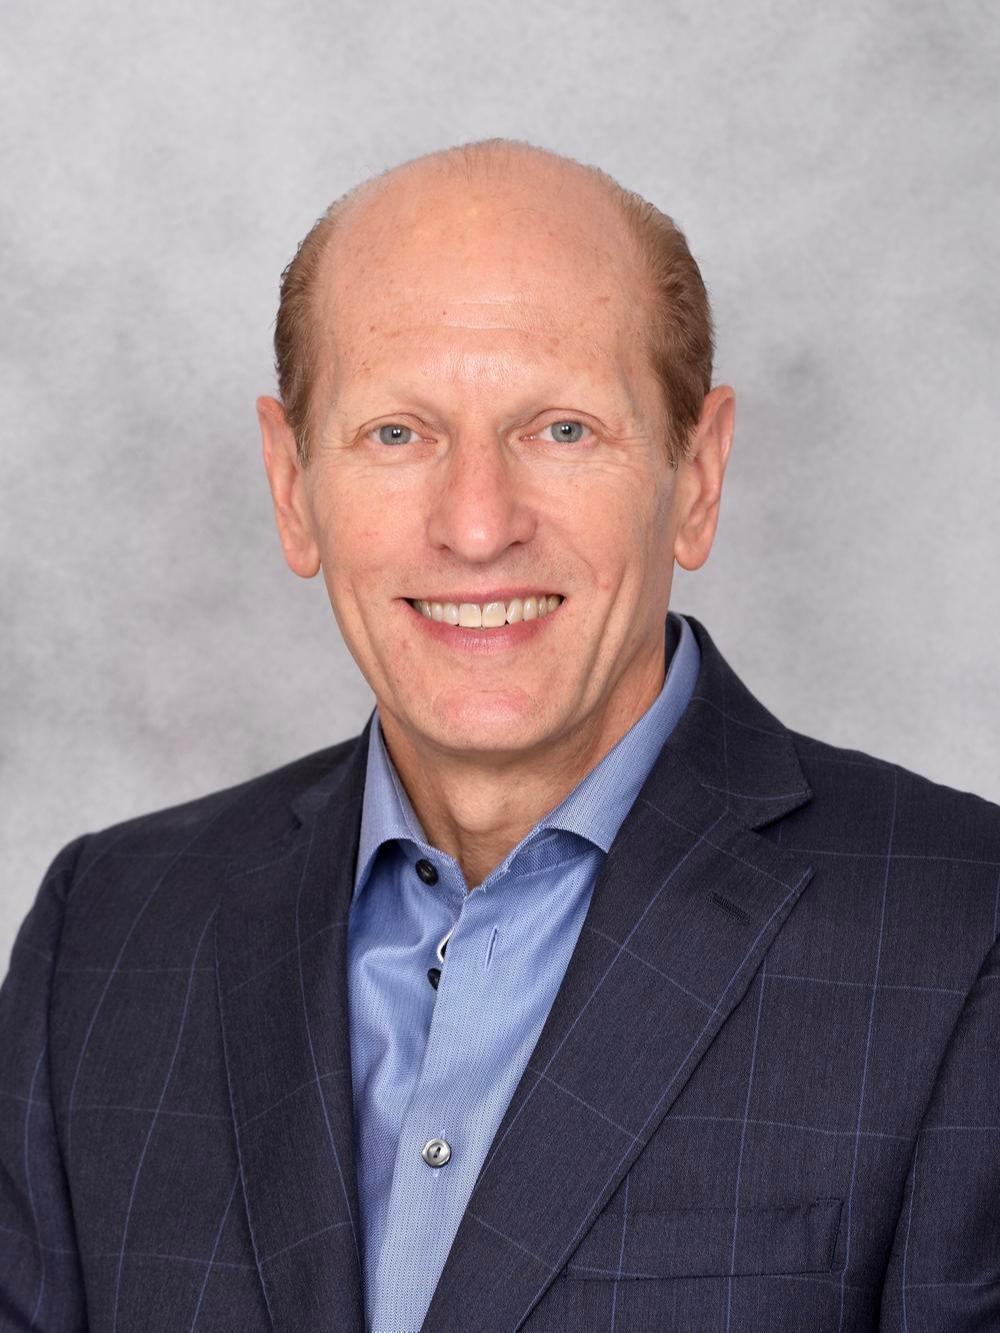 Brian I. Pultman, CFP® Photo